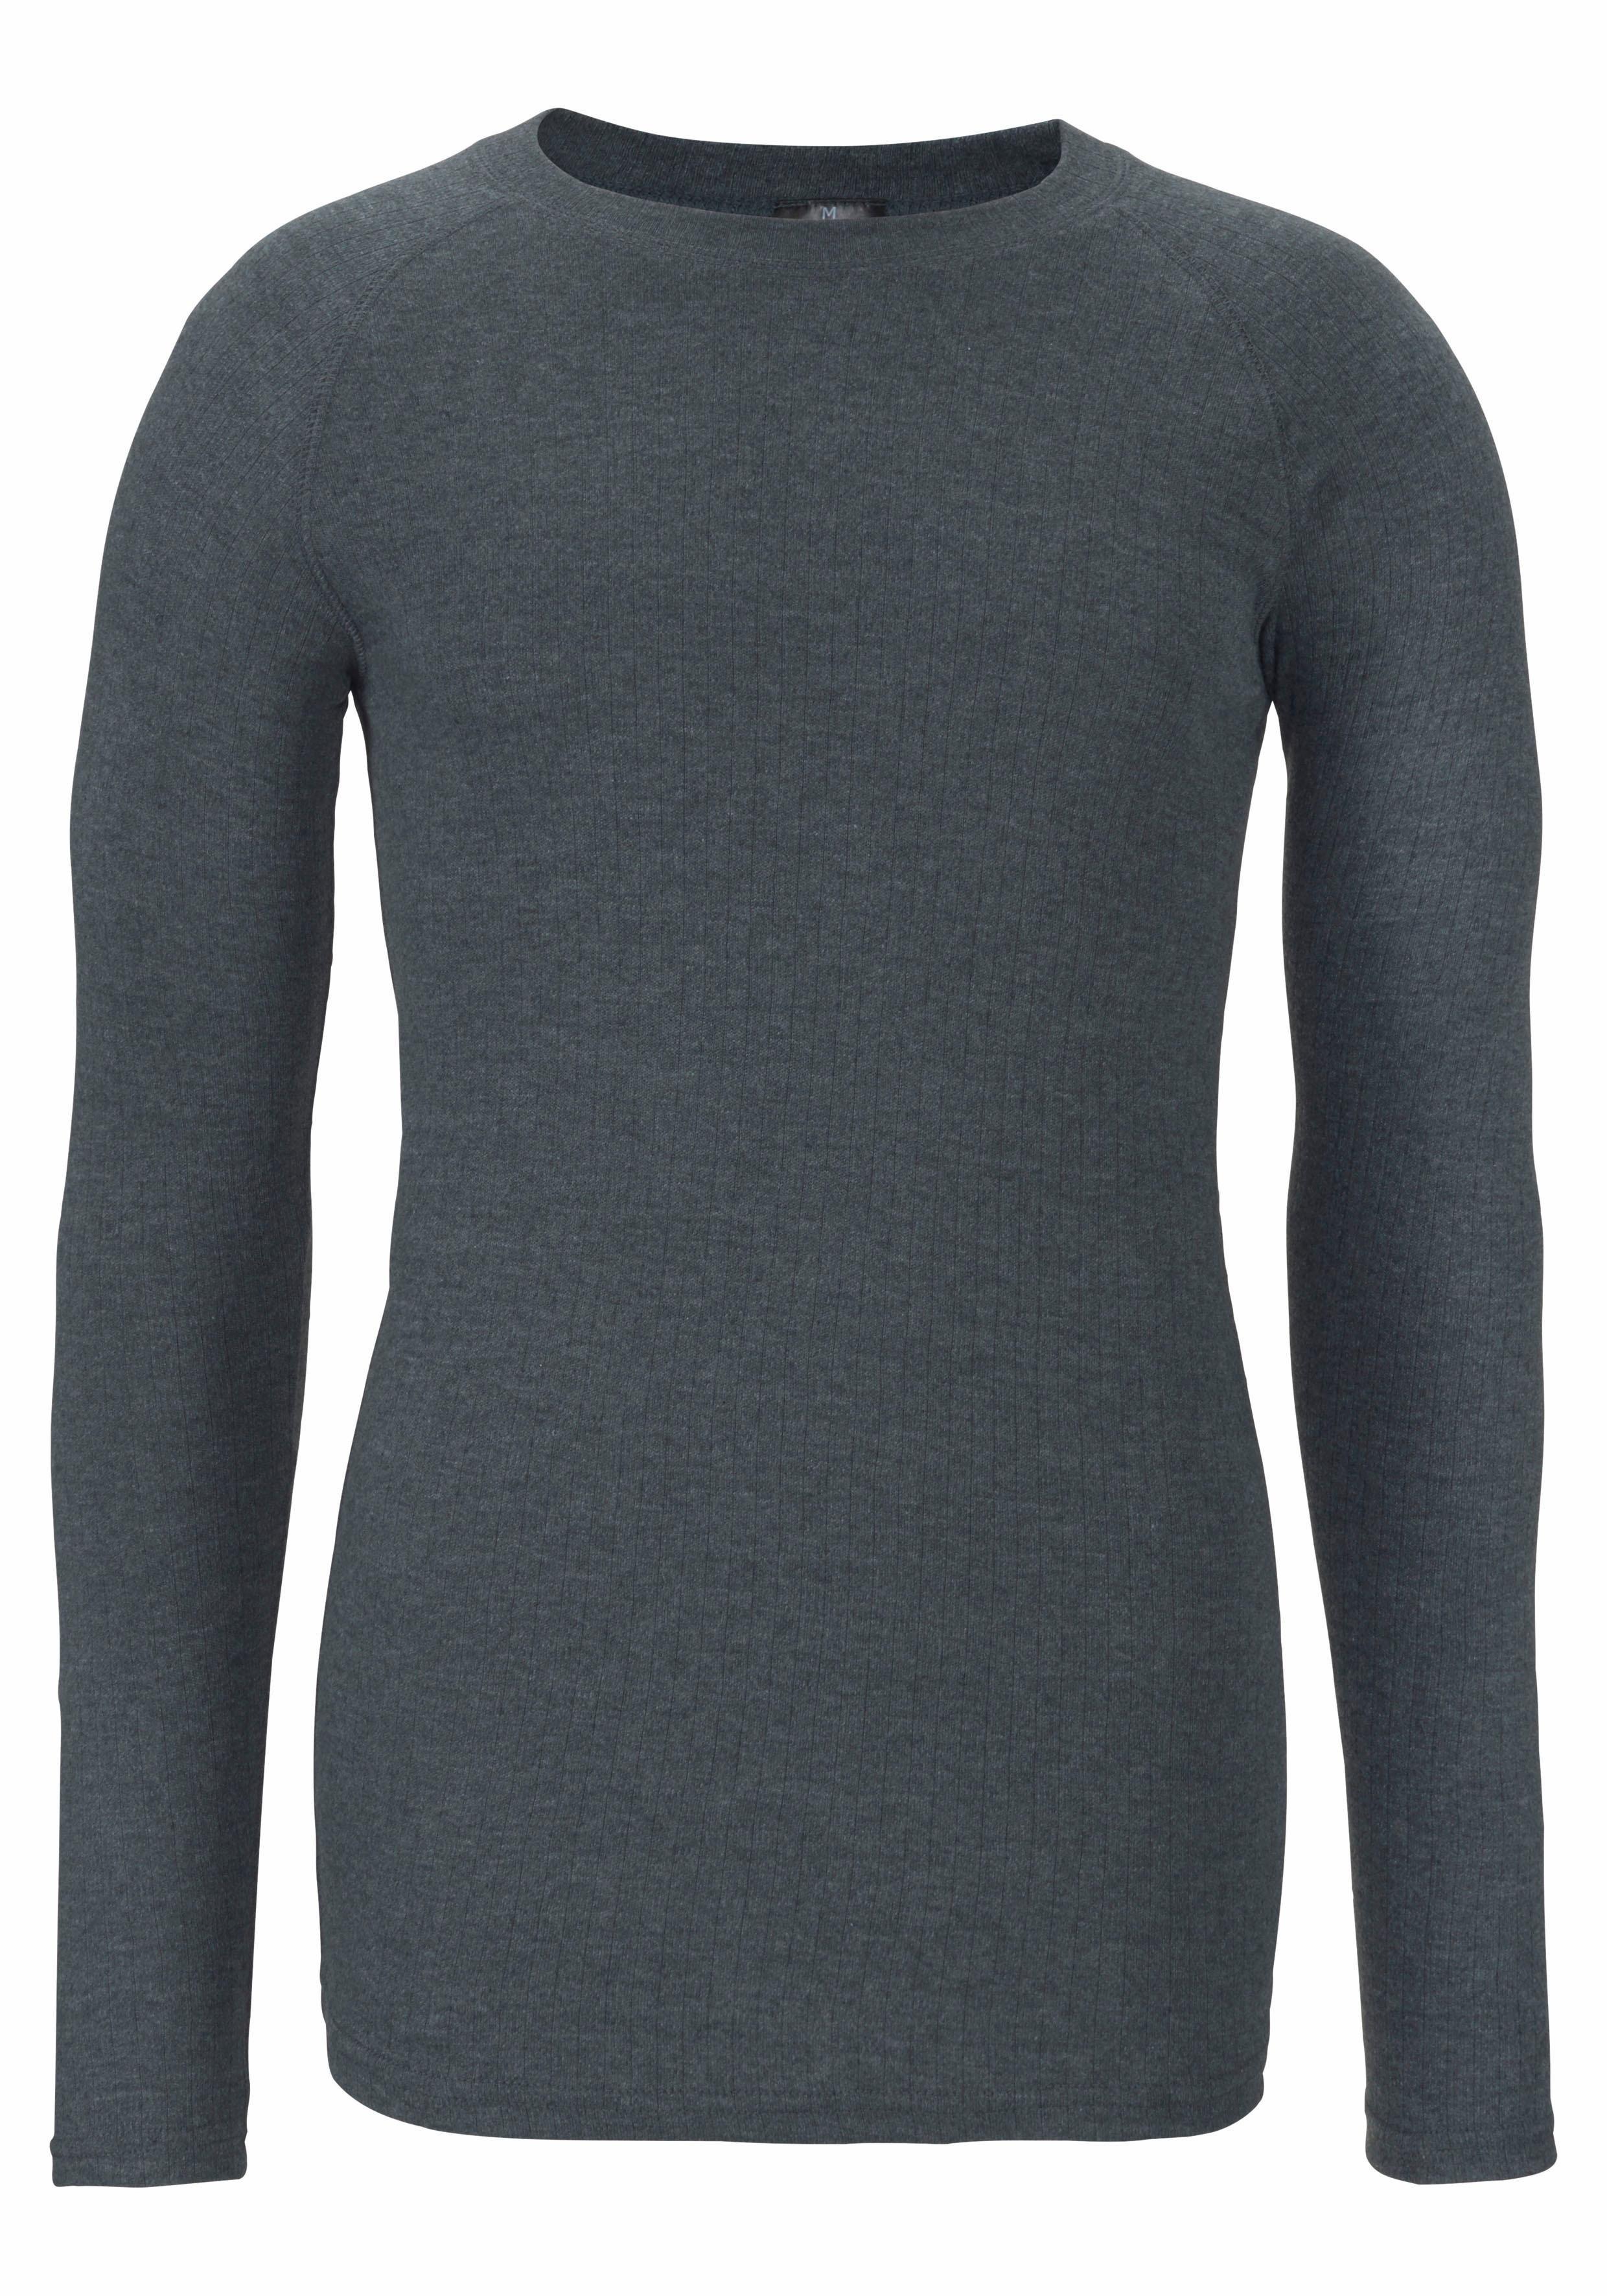 HEAT keeper functioneel shirt Thermo-shirt met lange mouwen online kopen op otto.nl